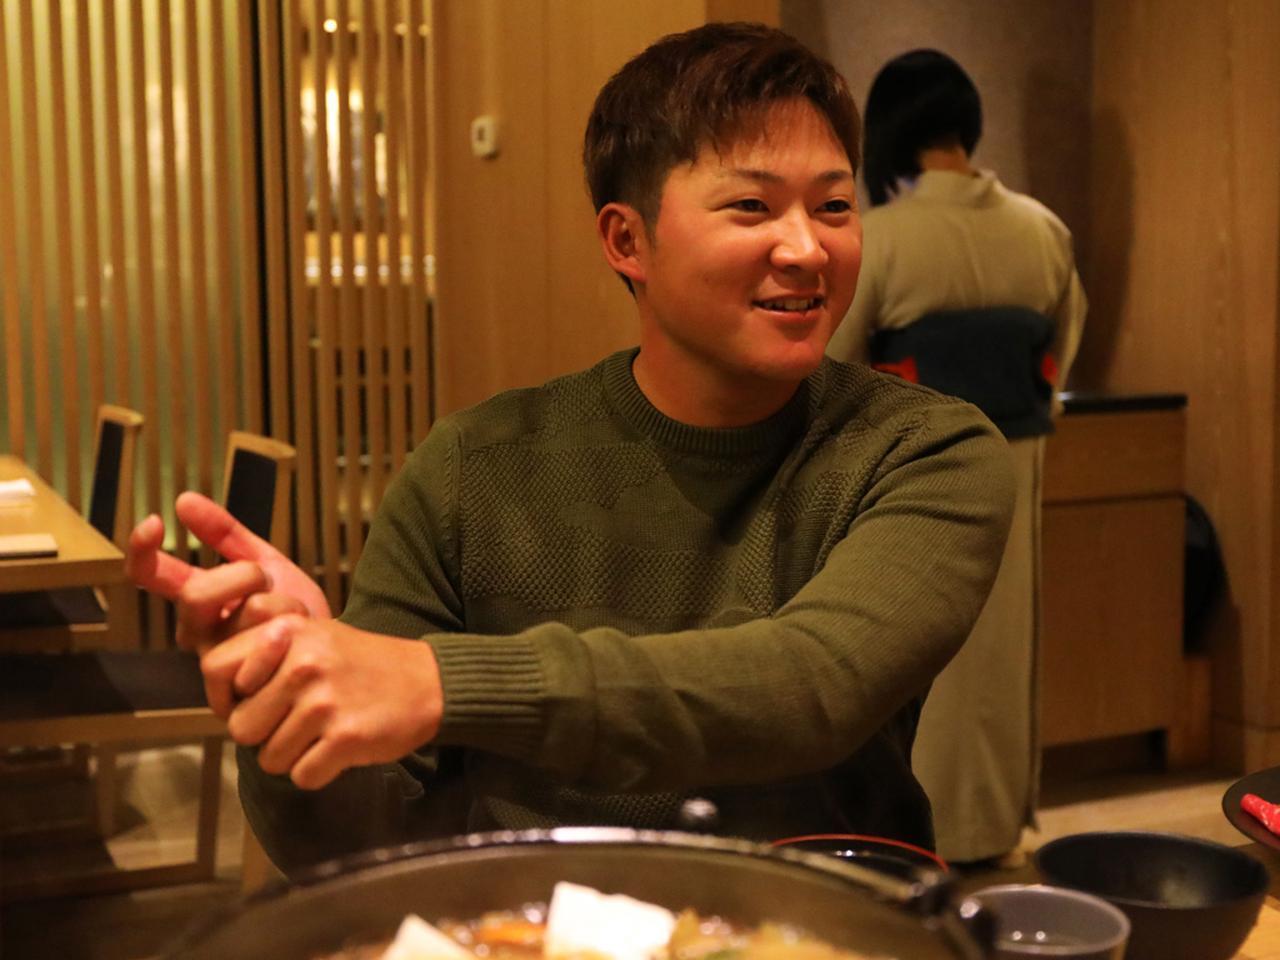 画像: コースから離れると26歳の青年に戻る。食事中にスウィングの話を向けると、雄弁に語り出す